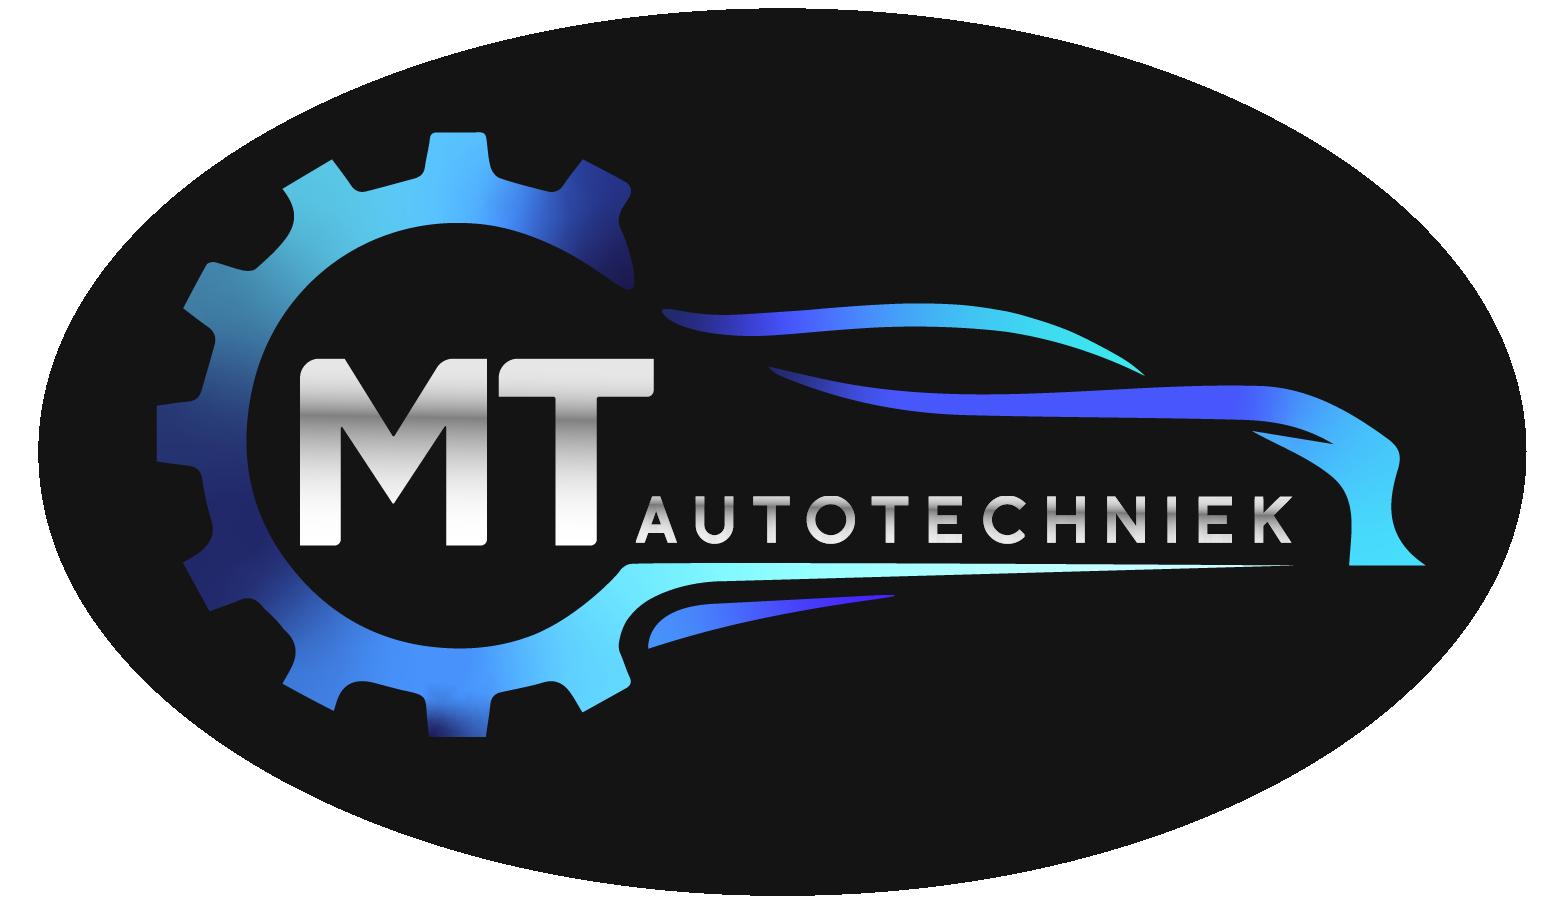 MT Autotechniek